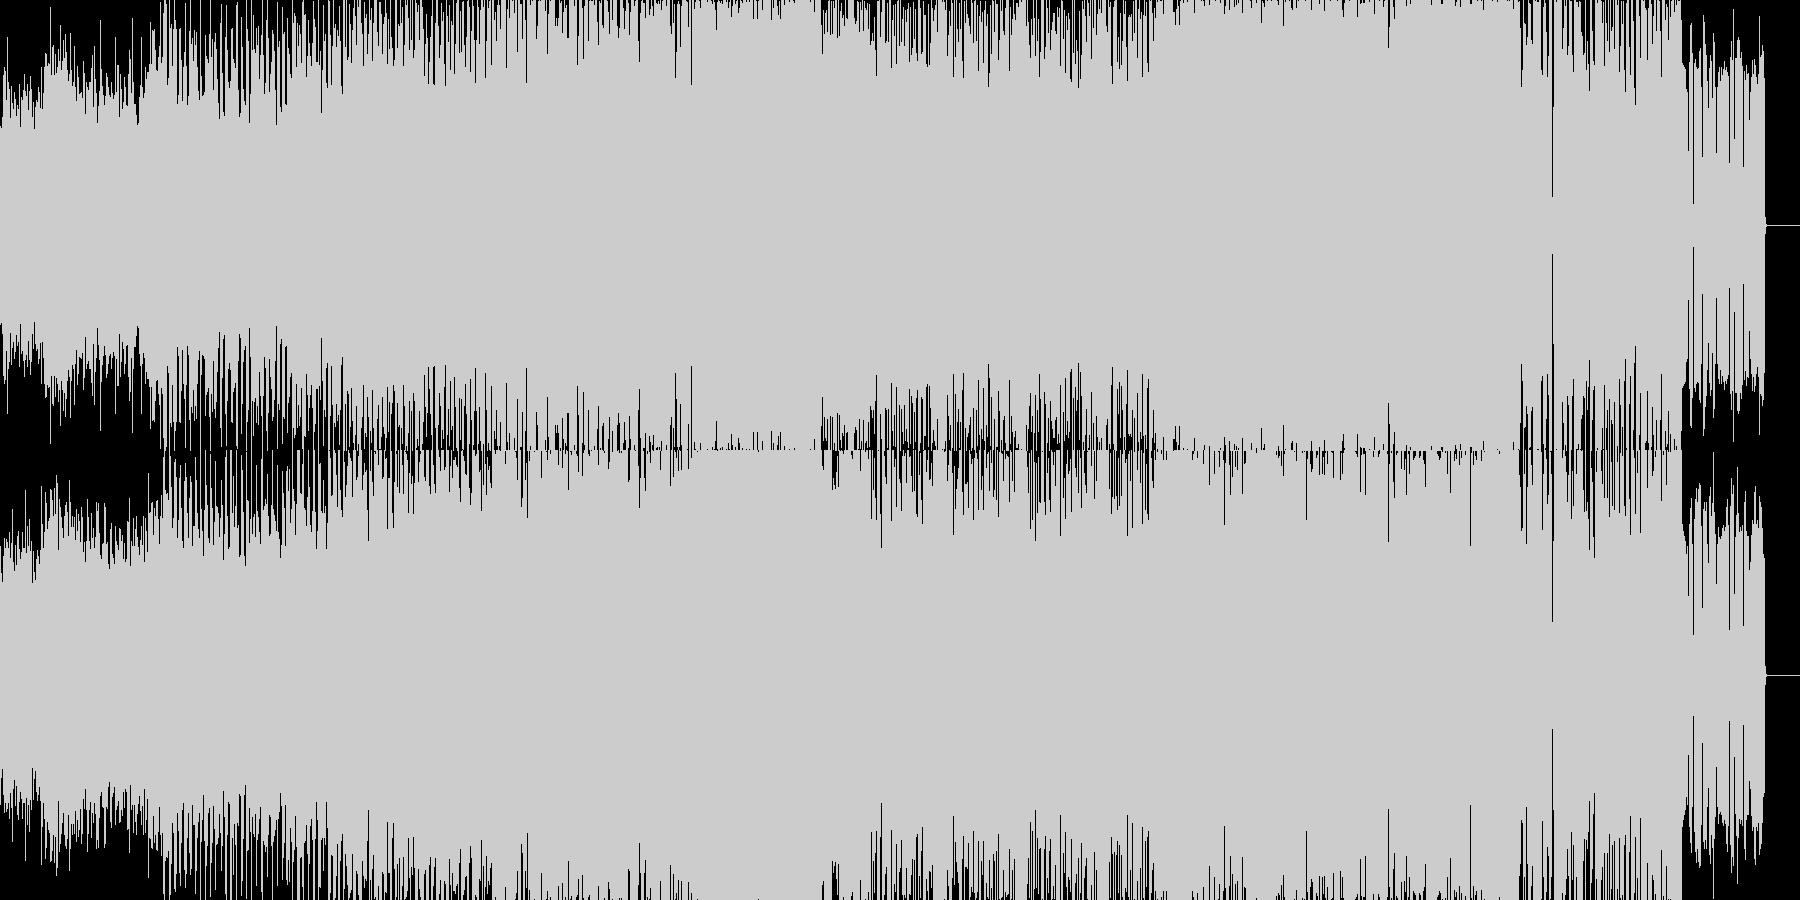 EDM風インストナンバーの未再生の波形